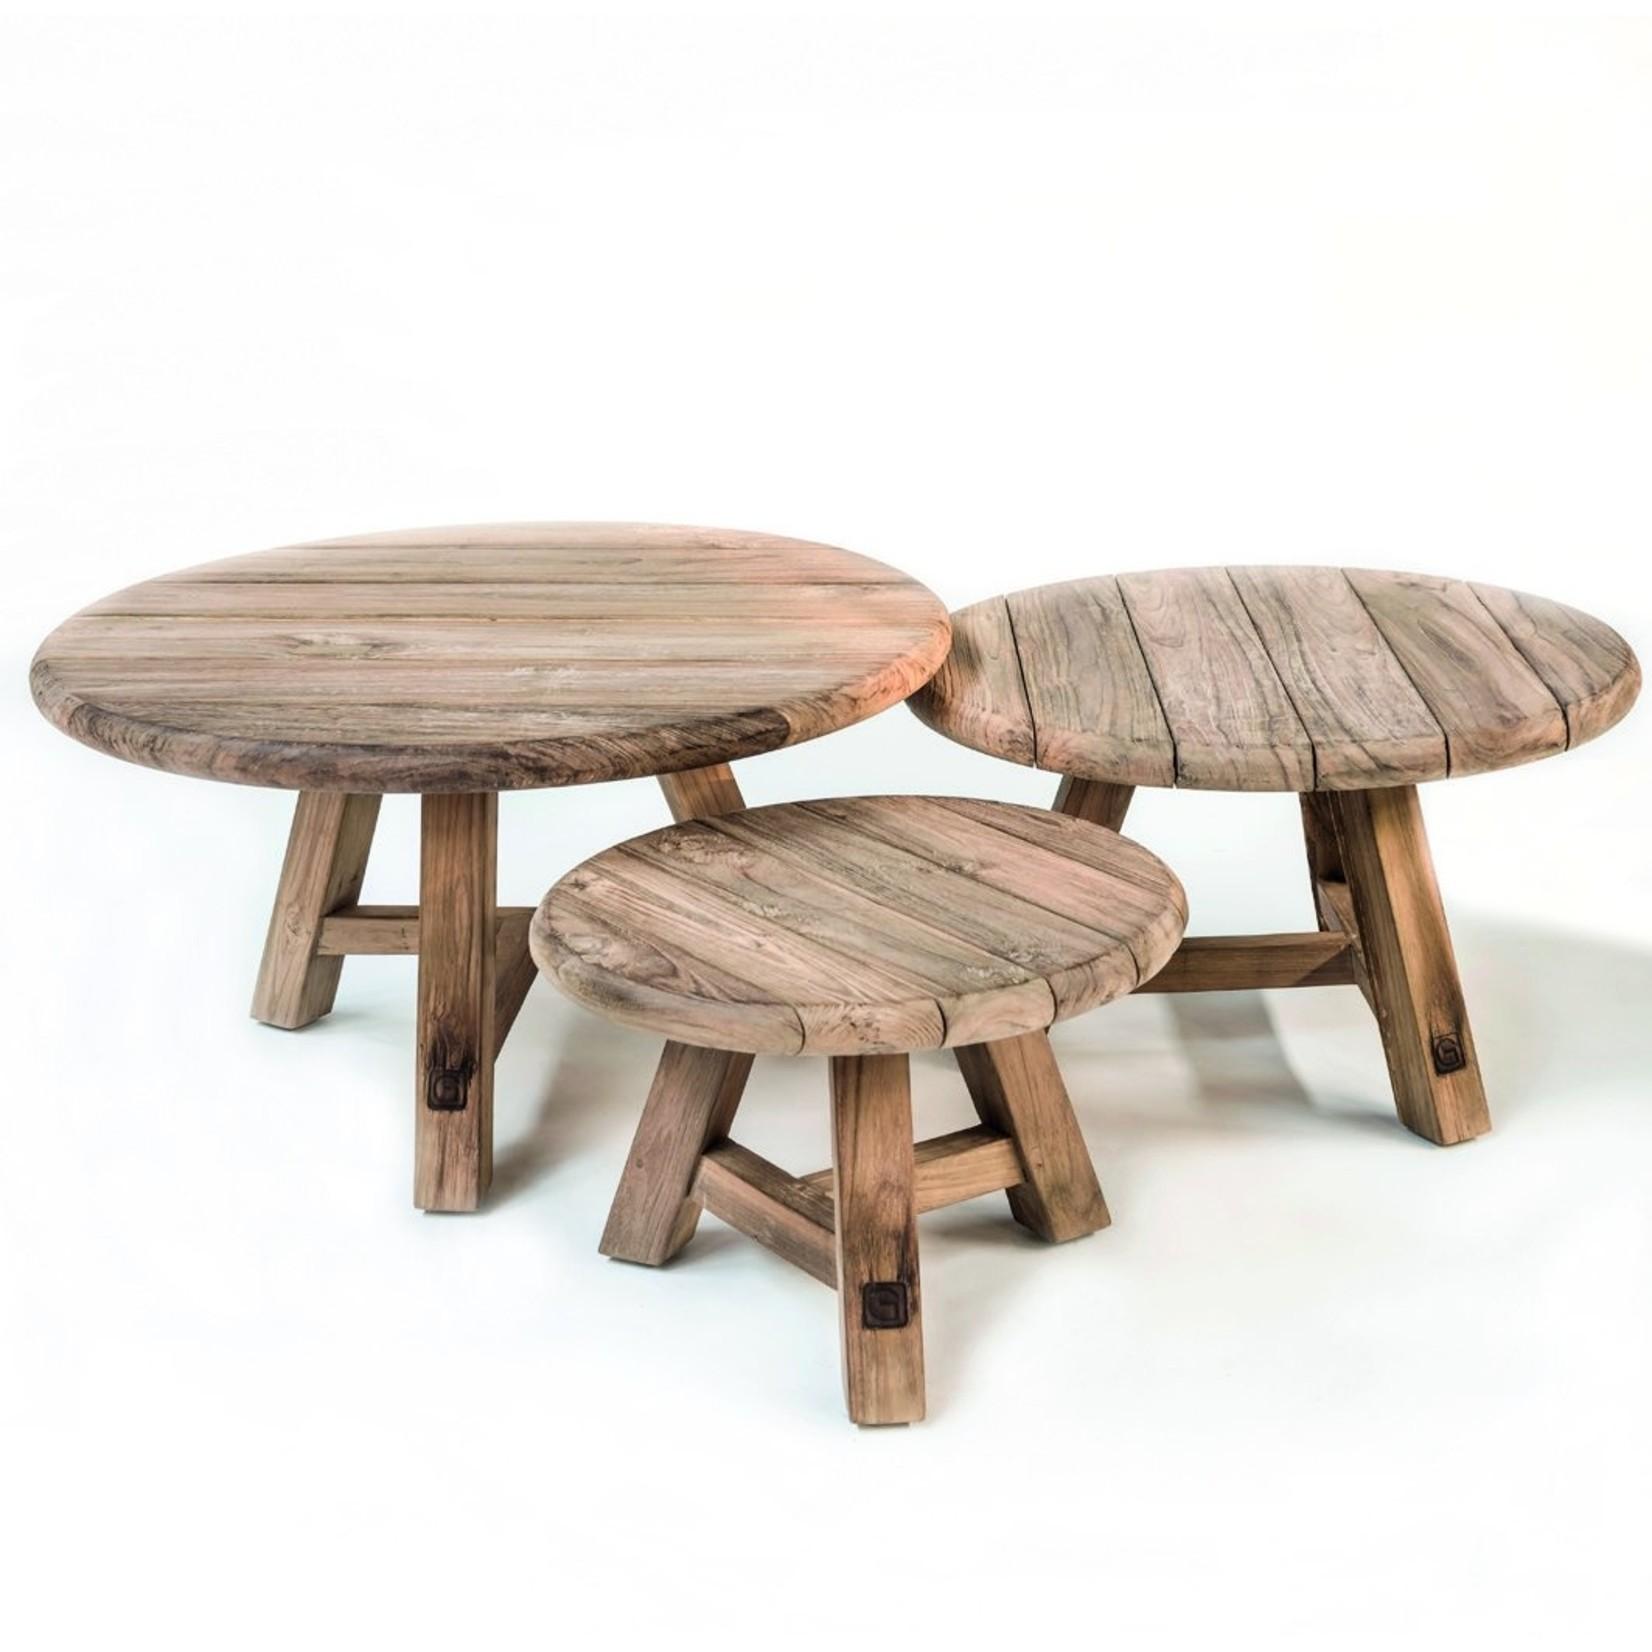 Gommaire Table basse Anton Lot de 3 | Teck récupéré gris naturel